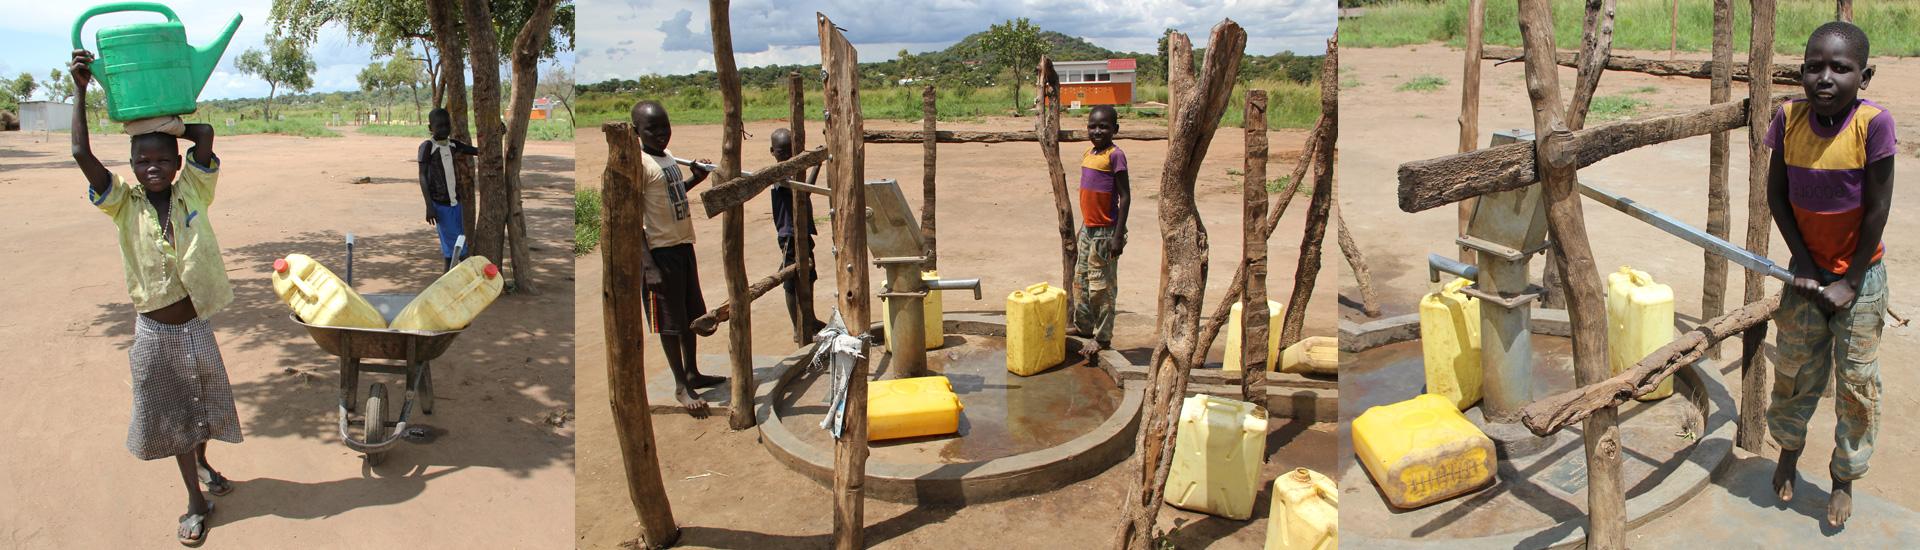 Más de 2.000 millones de personas en el mundo no tienen agua potable y la mitad de la población carece de saneamiento